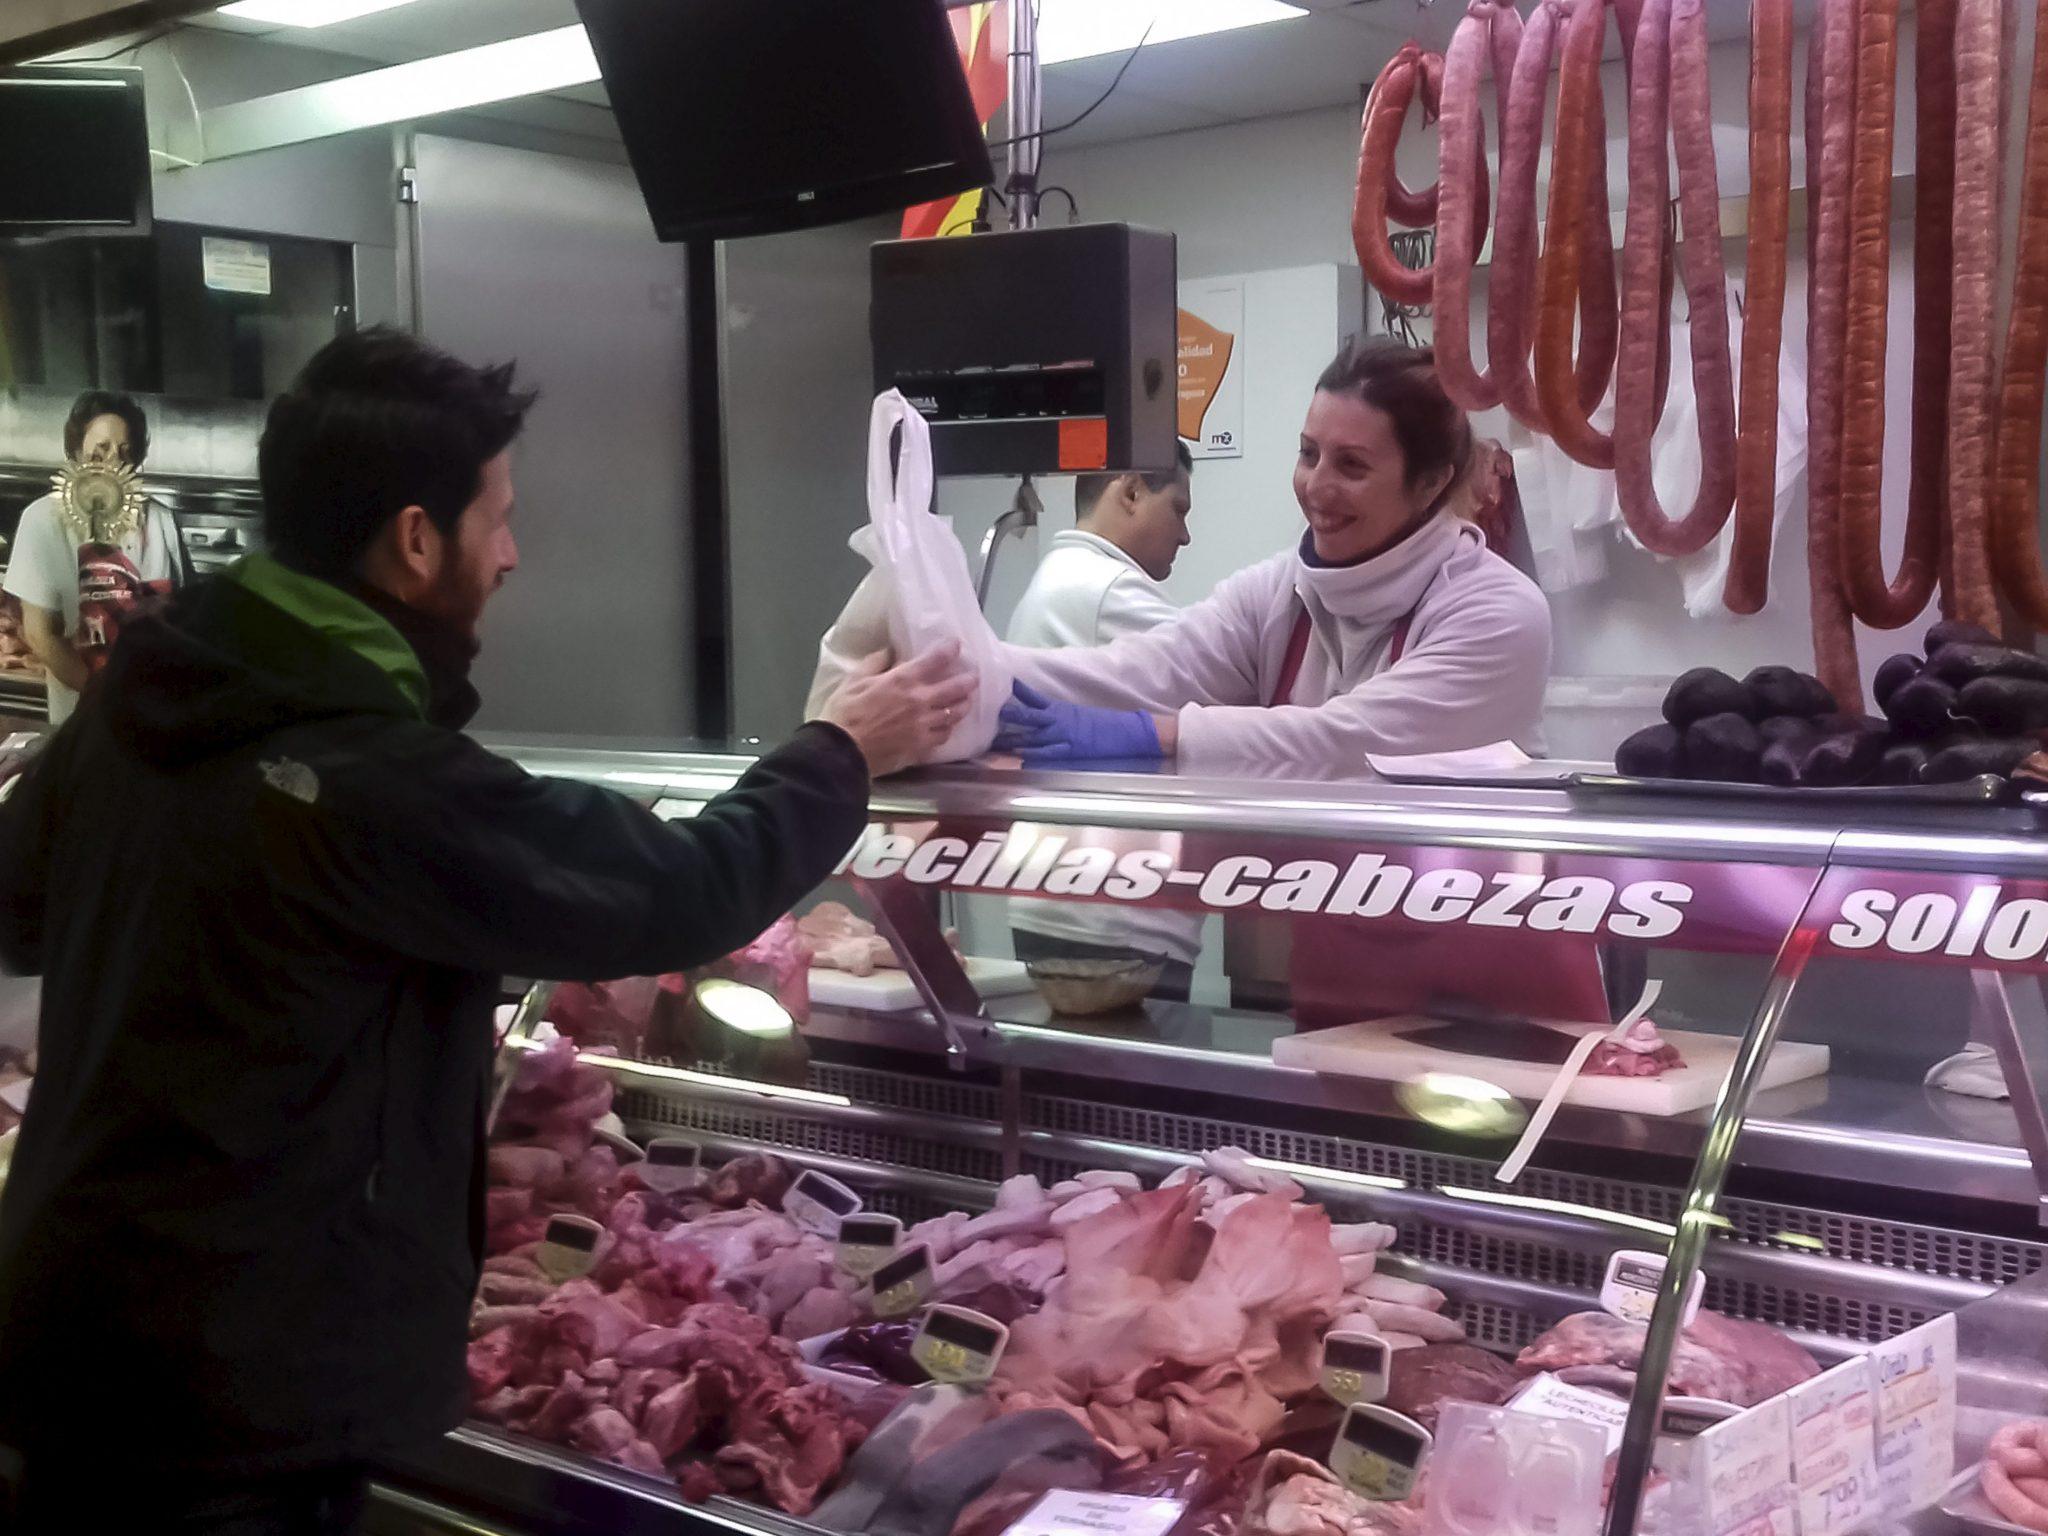 chef manolito compra mercado